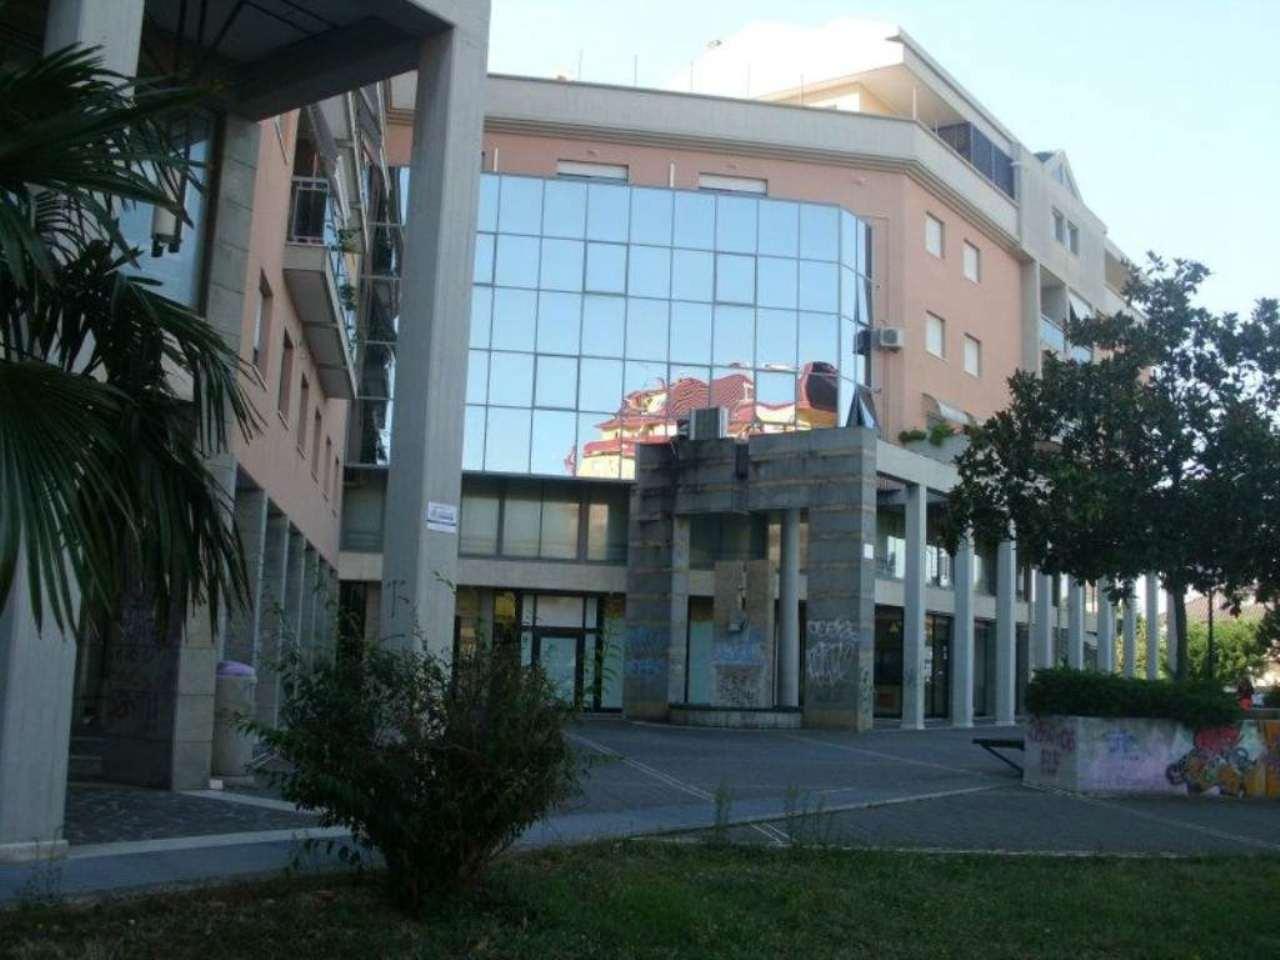 Ufficio / Studio in affitto a Montesilvano, 3 locali, prezzo € 700 | Cambio Casa.it